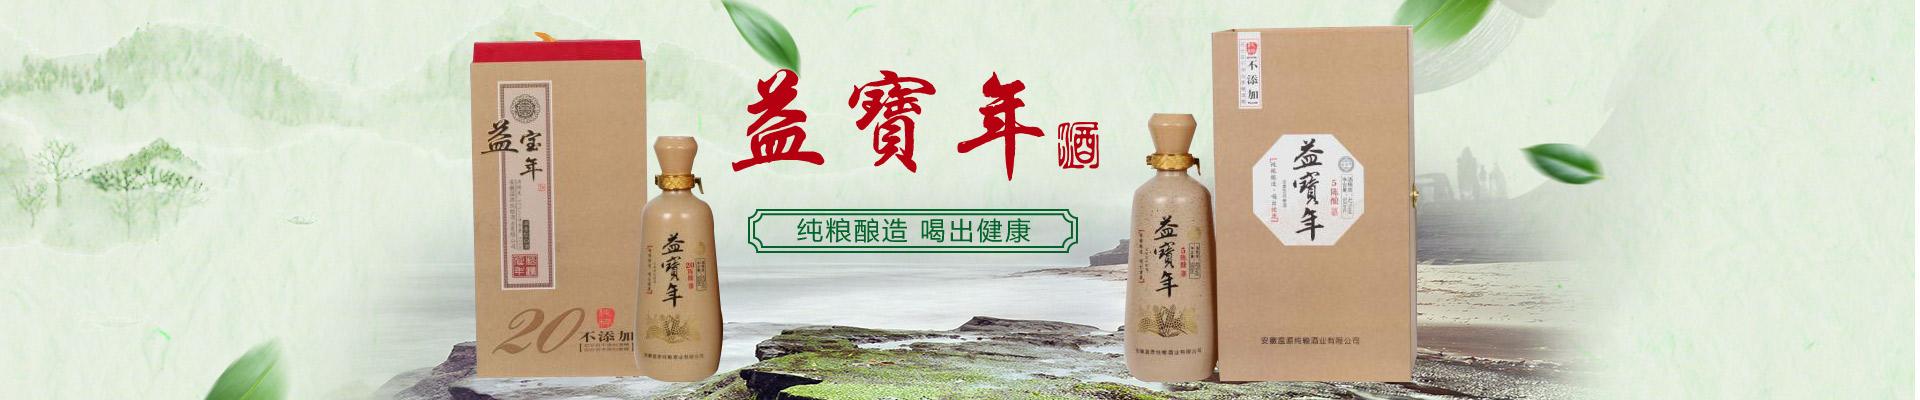 安徽温源纯粮酒业有限公司